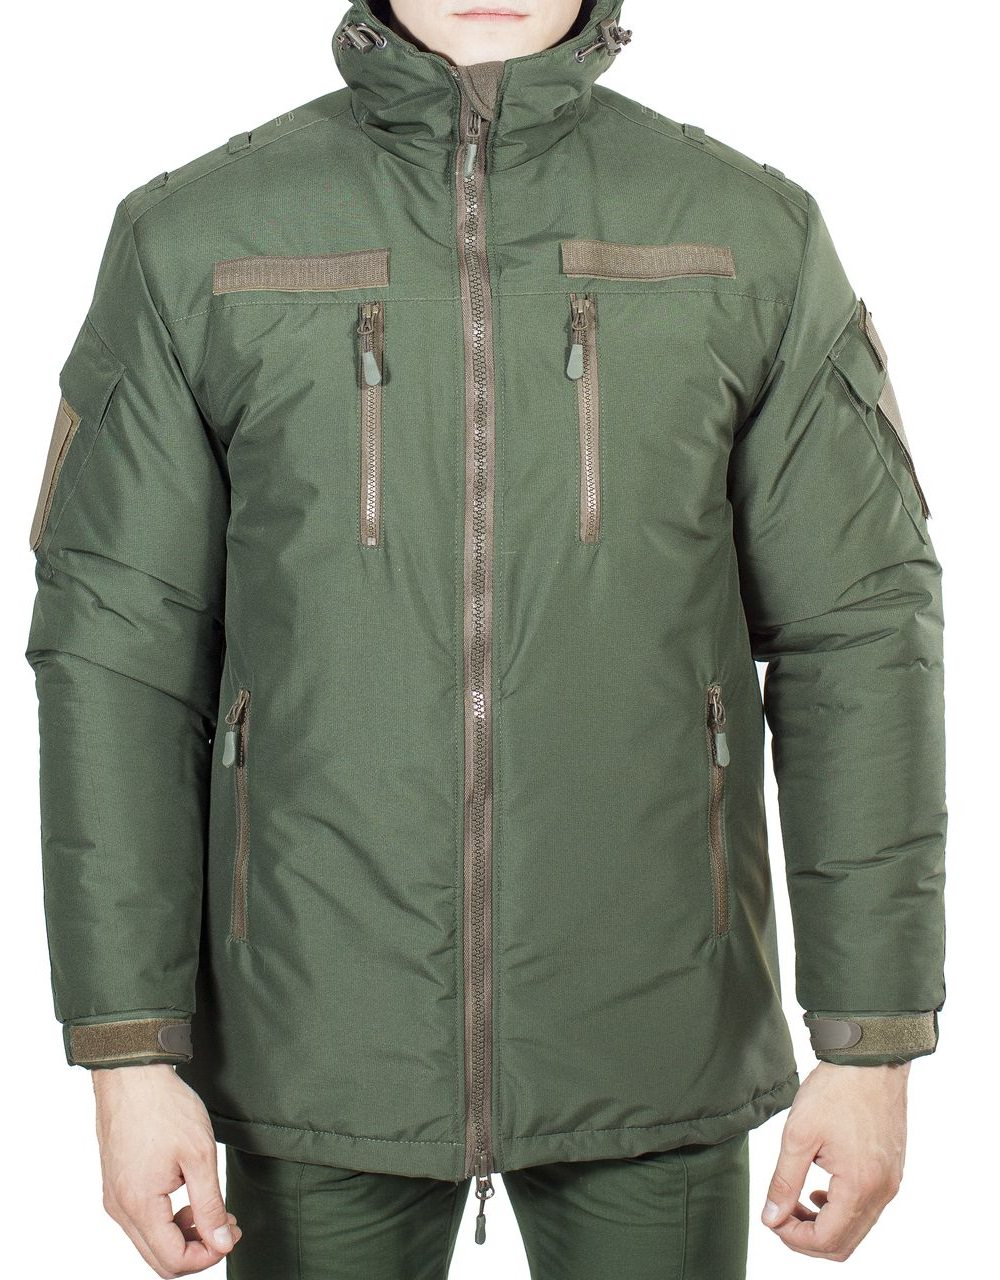 Куртка зимняя под офисную форму (ткань рип-стоп мембрана) зеленая